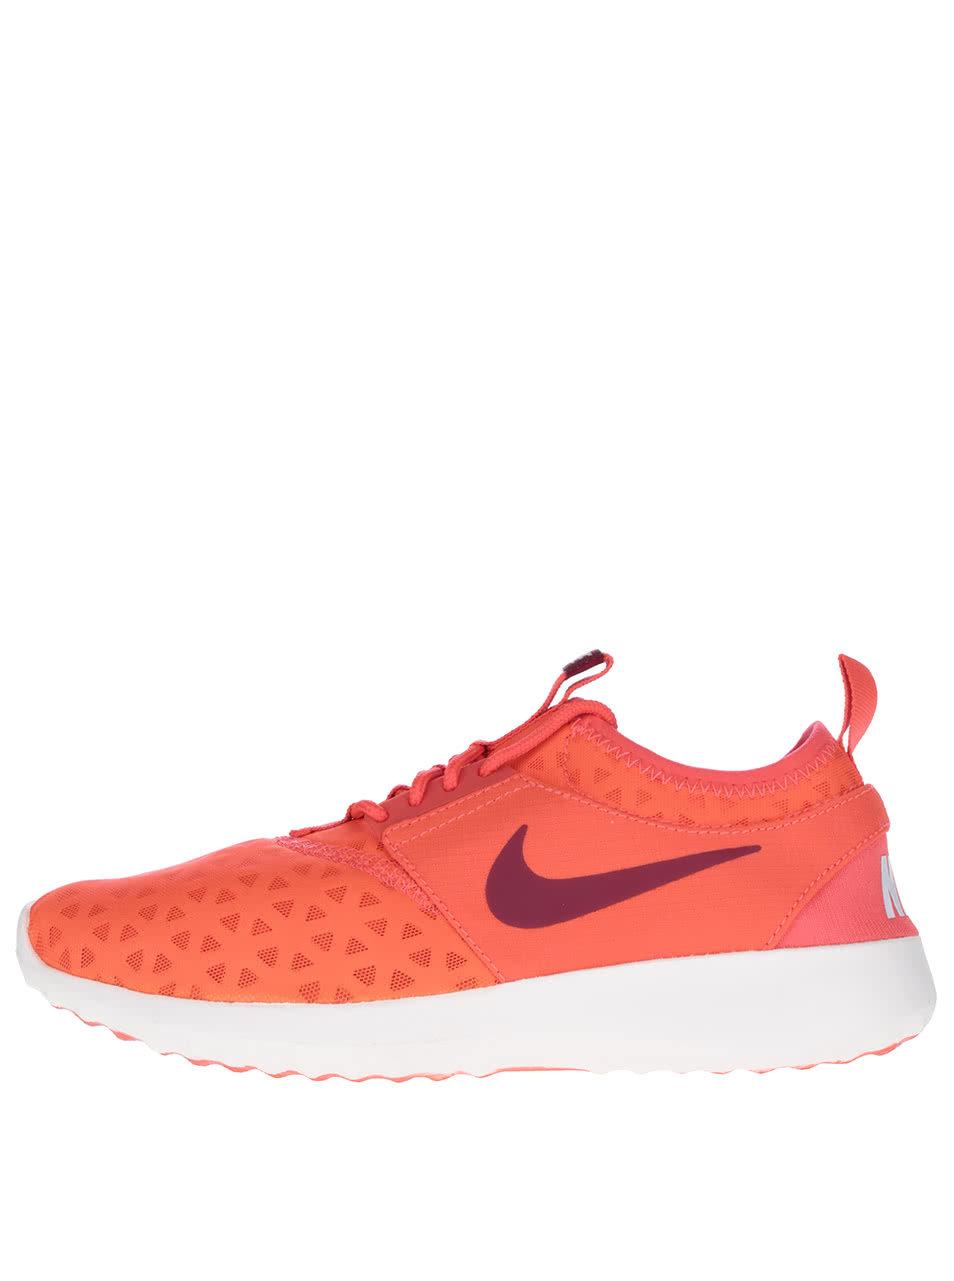 Neonově oranžové dámské tenisky Nike Juvenate ... 5056582f416